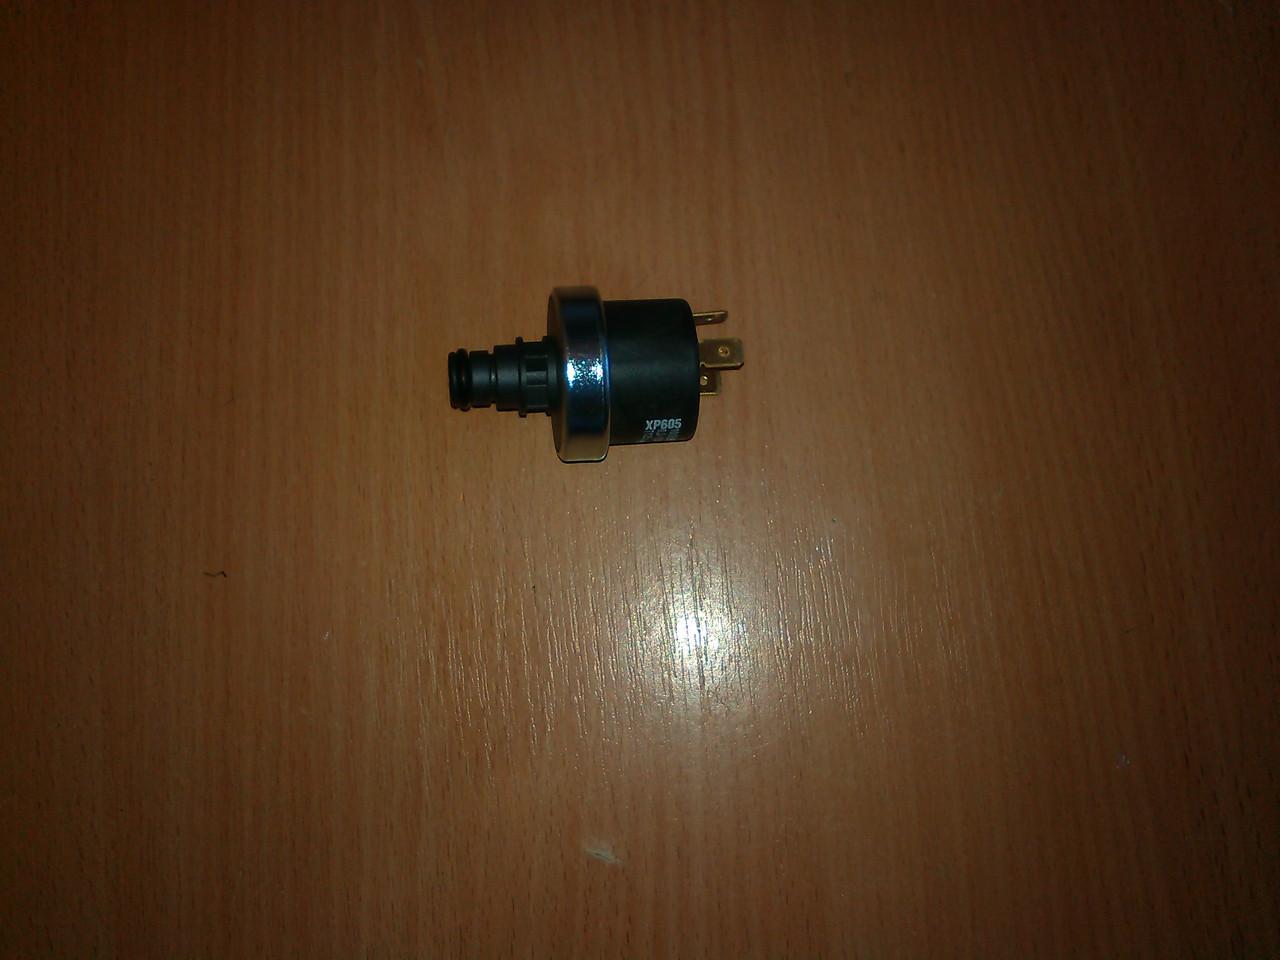 Реле (датчик) давления воды XP605 0,2-1,2 бар с мультиштоком.